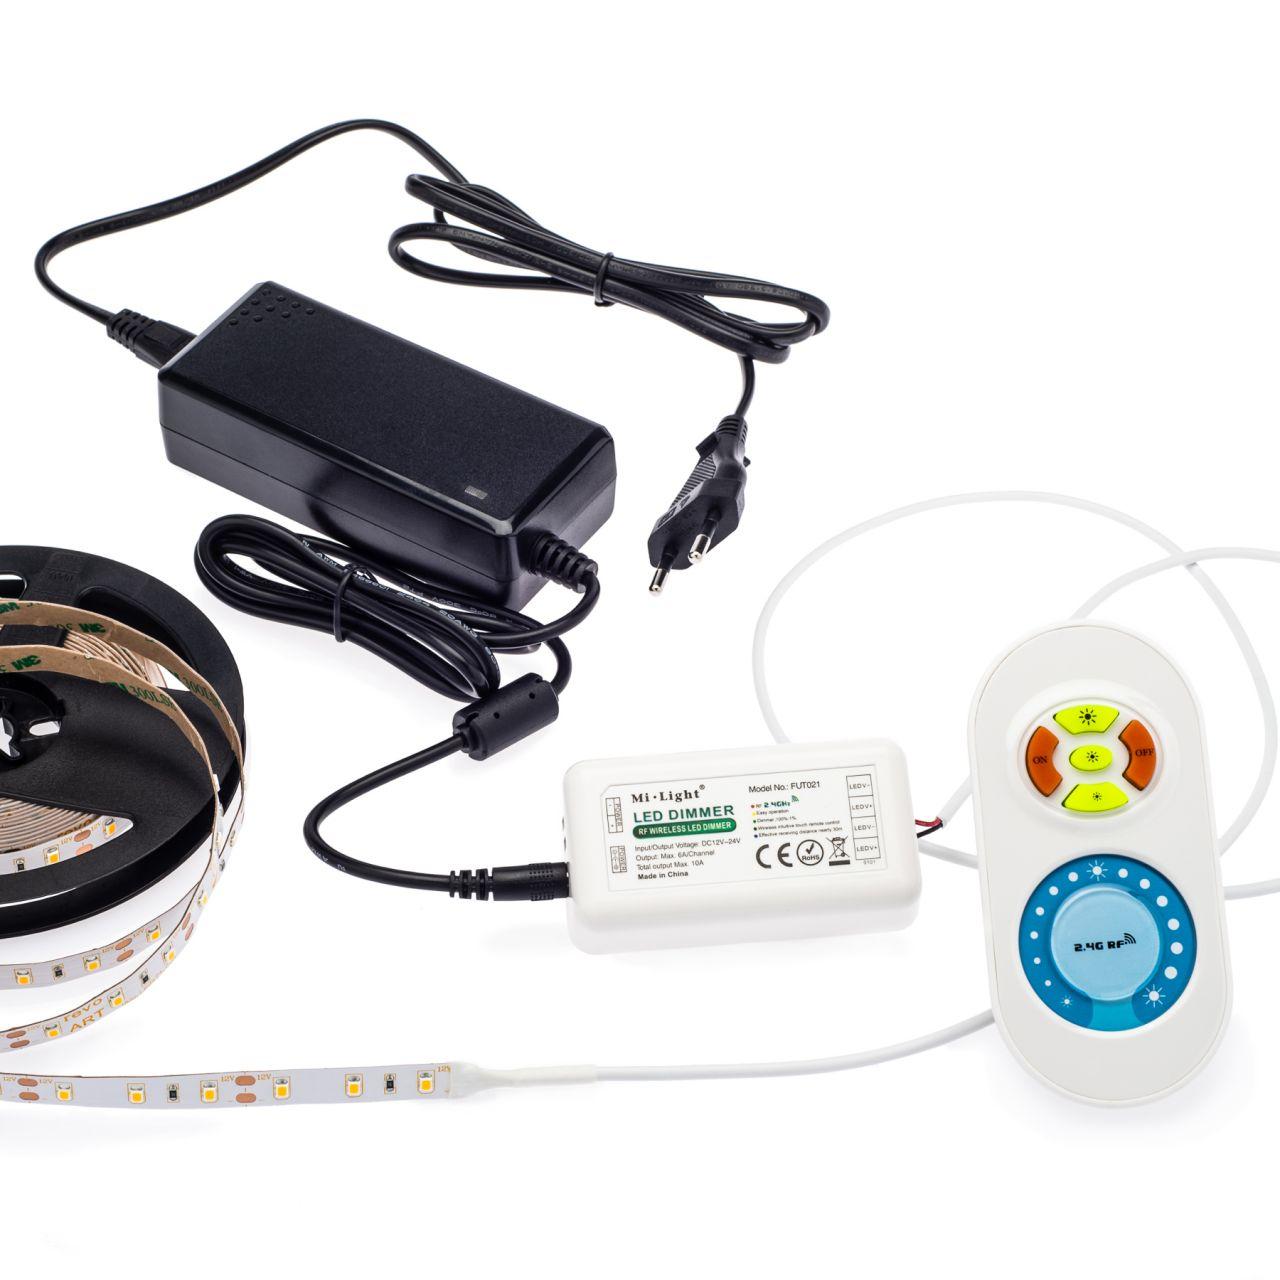 12V LED Streifen Set, mit Fernbedienung und Netzteil, 250cm Länge, Lichtfarbe warmweiß